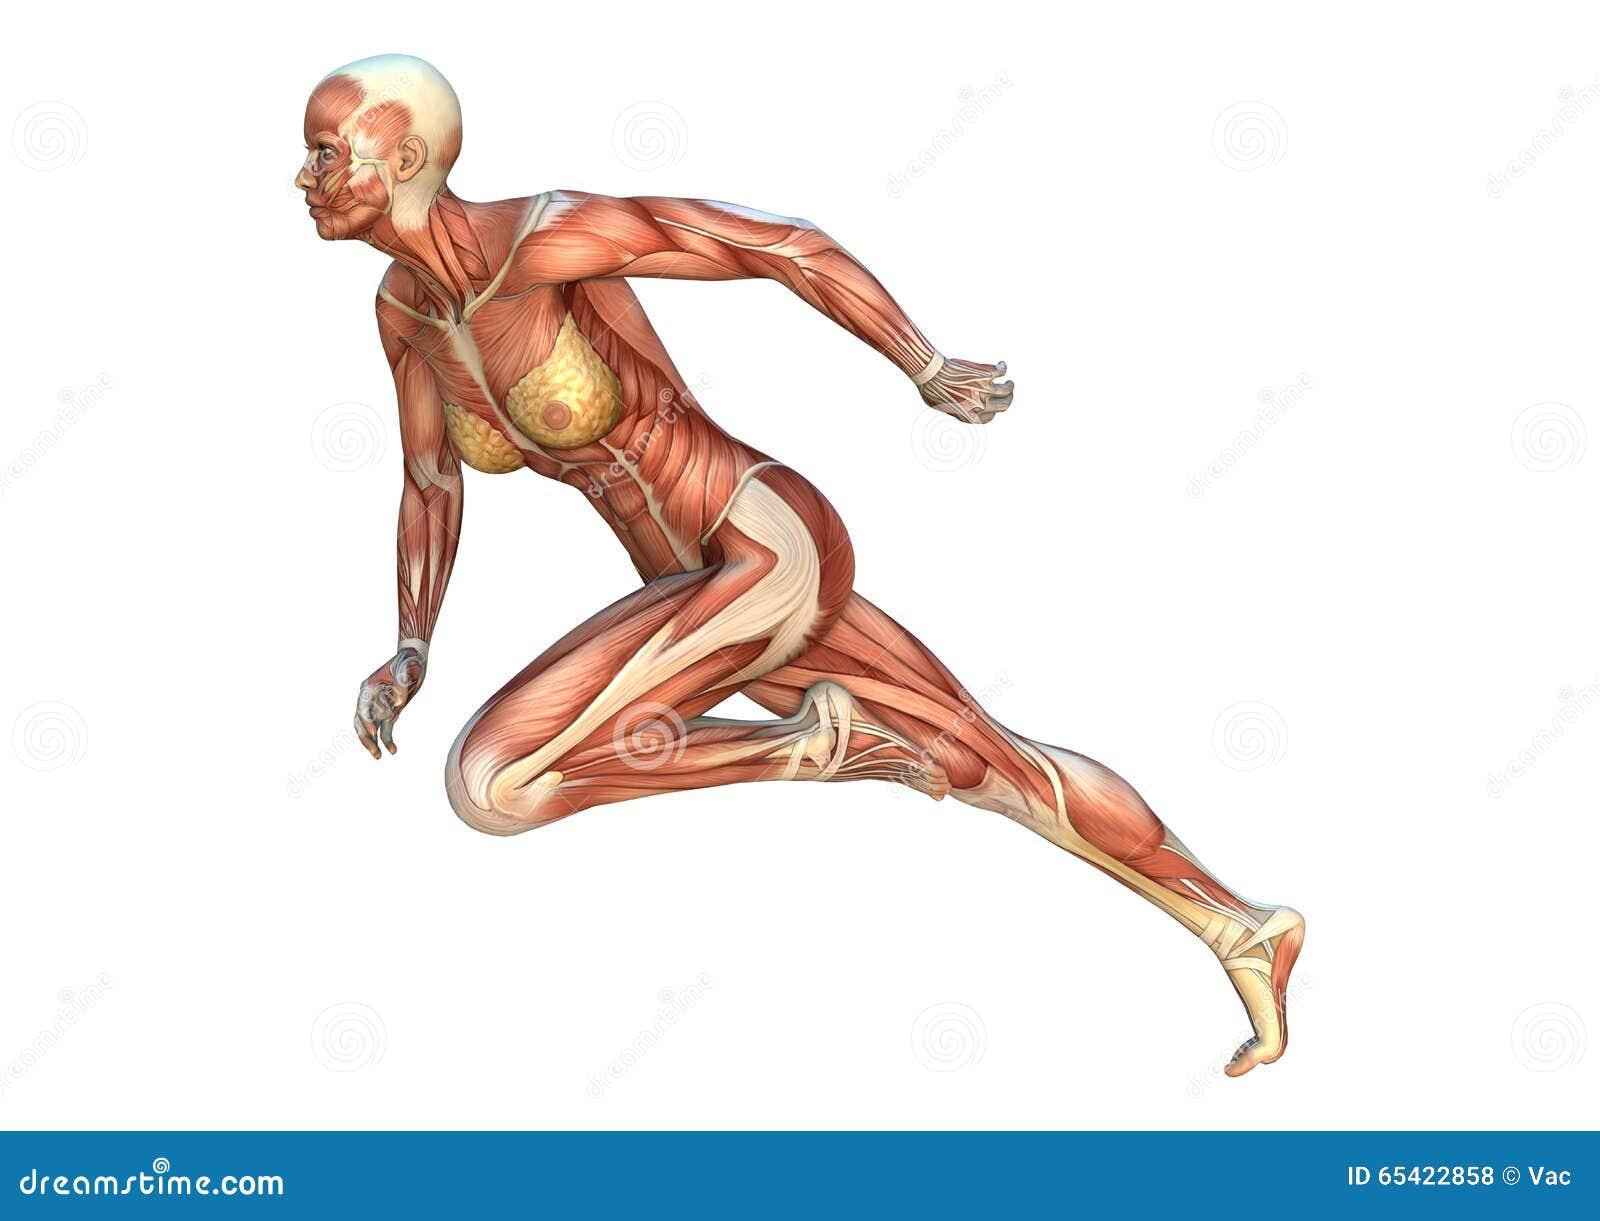 Muskel zeichnet Frauenfigur auf